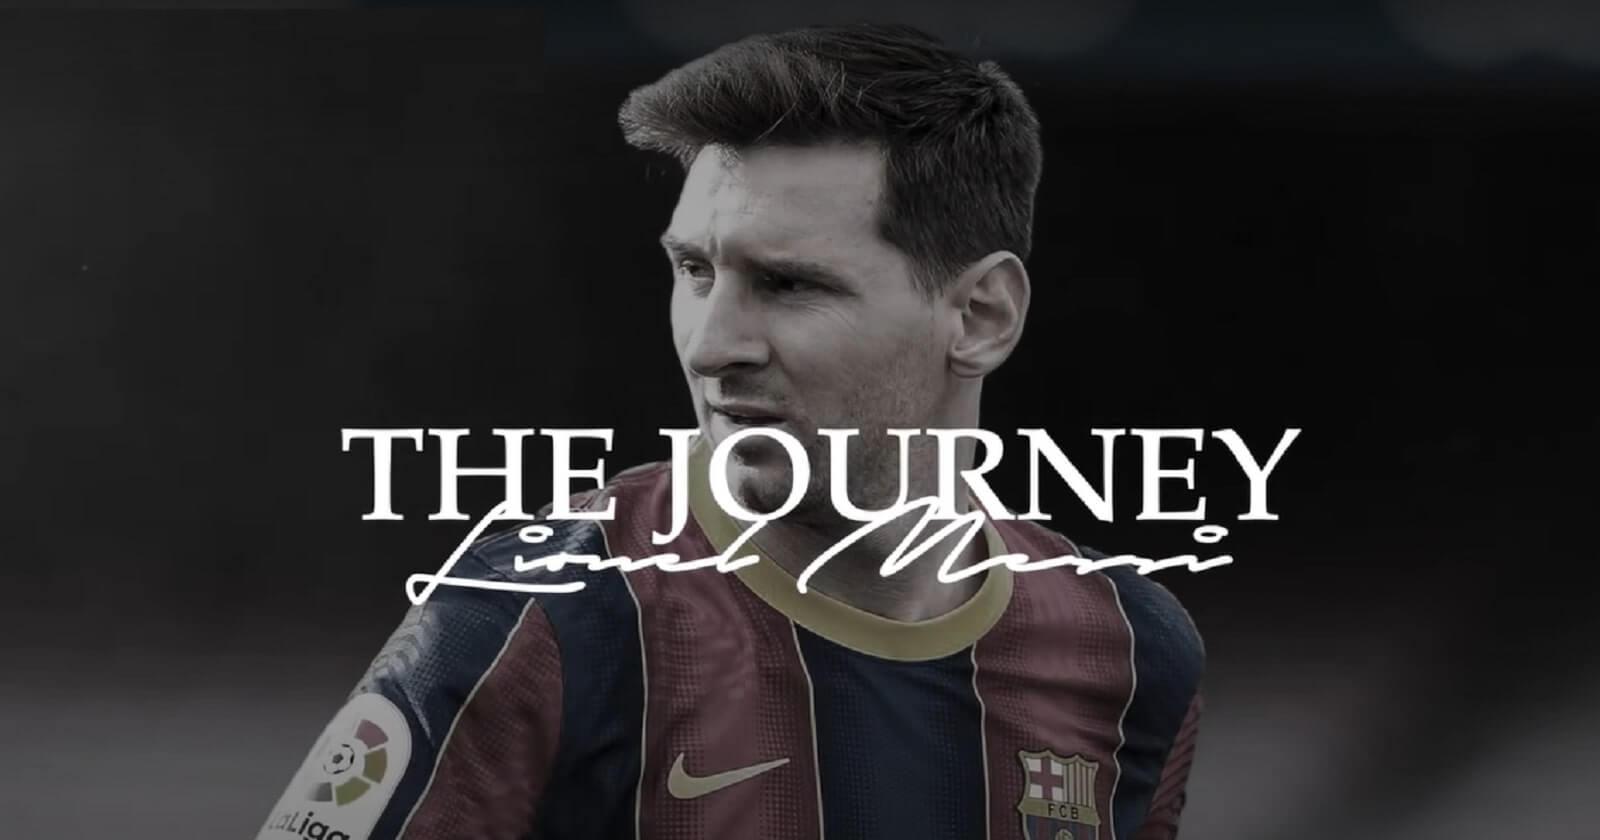 Messi Barcelona'dan neden ayrıldı